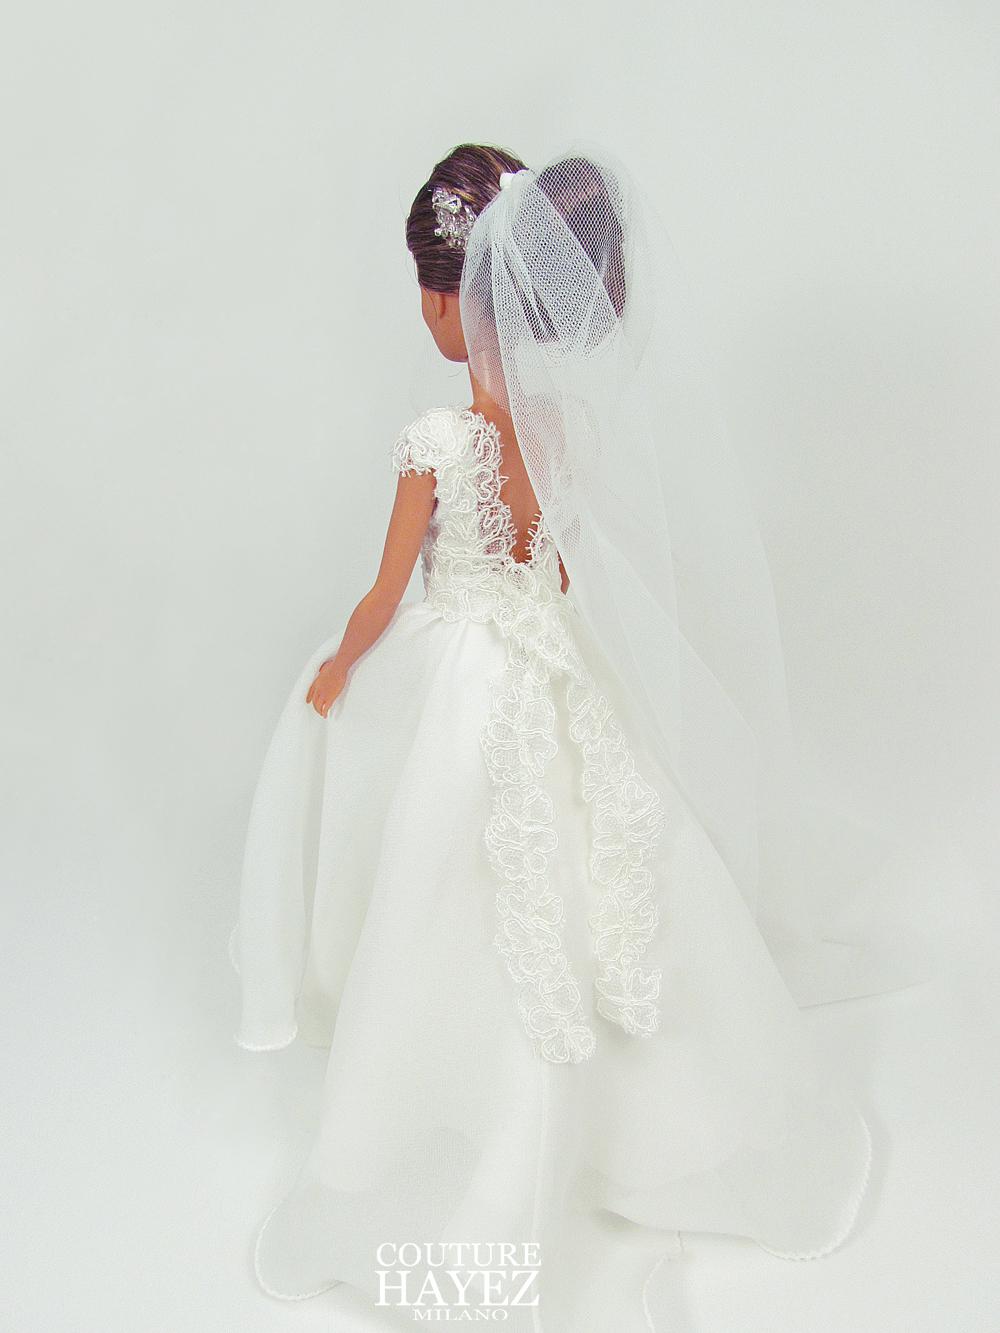 sposa couture hayez , Il tuo abito per barbie